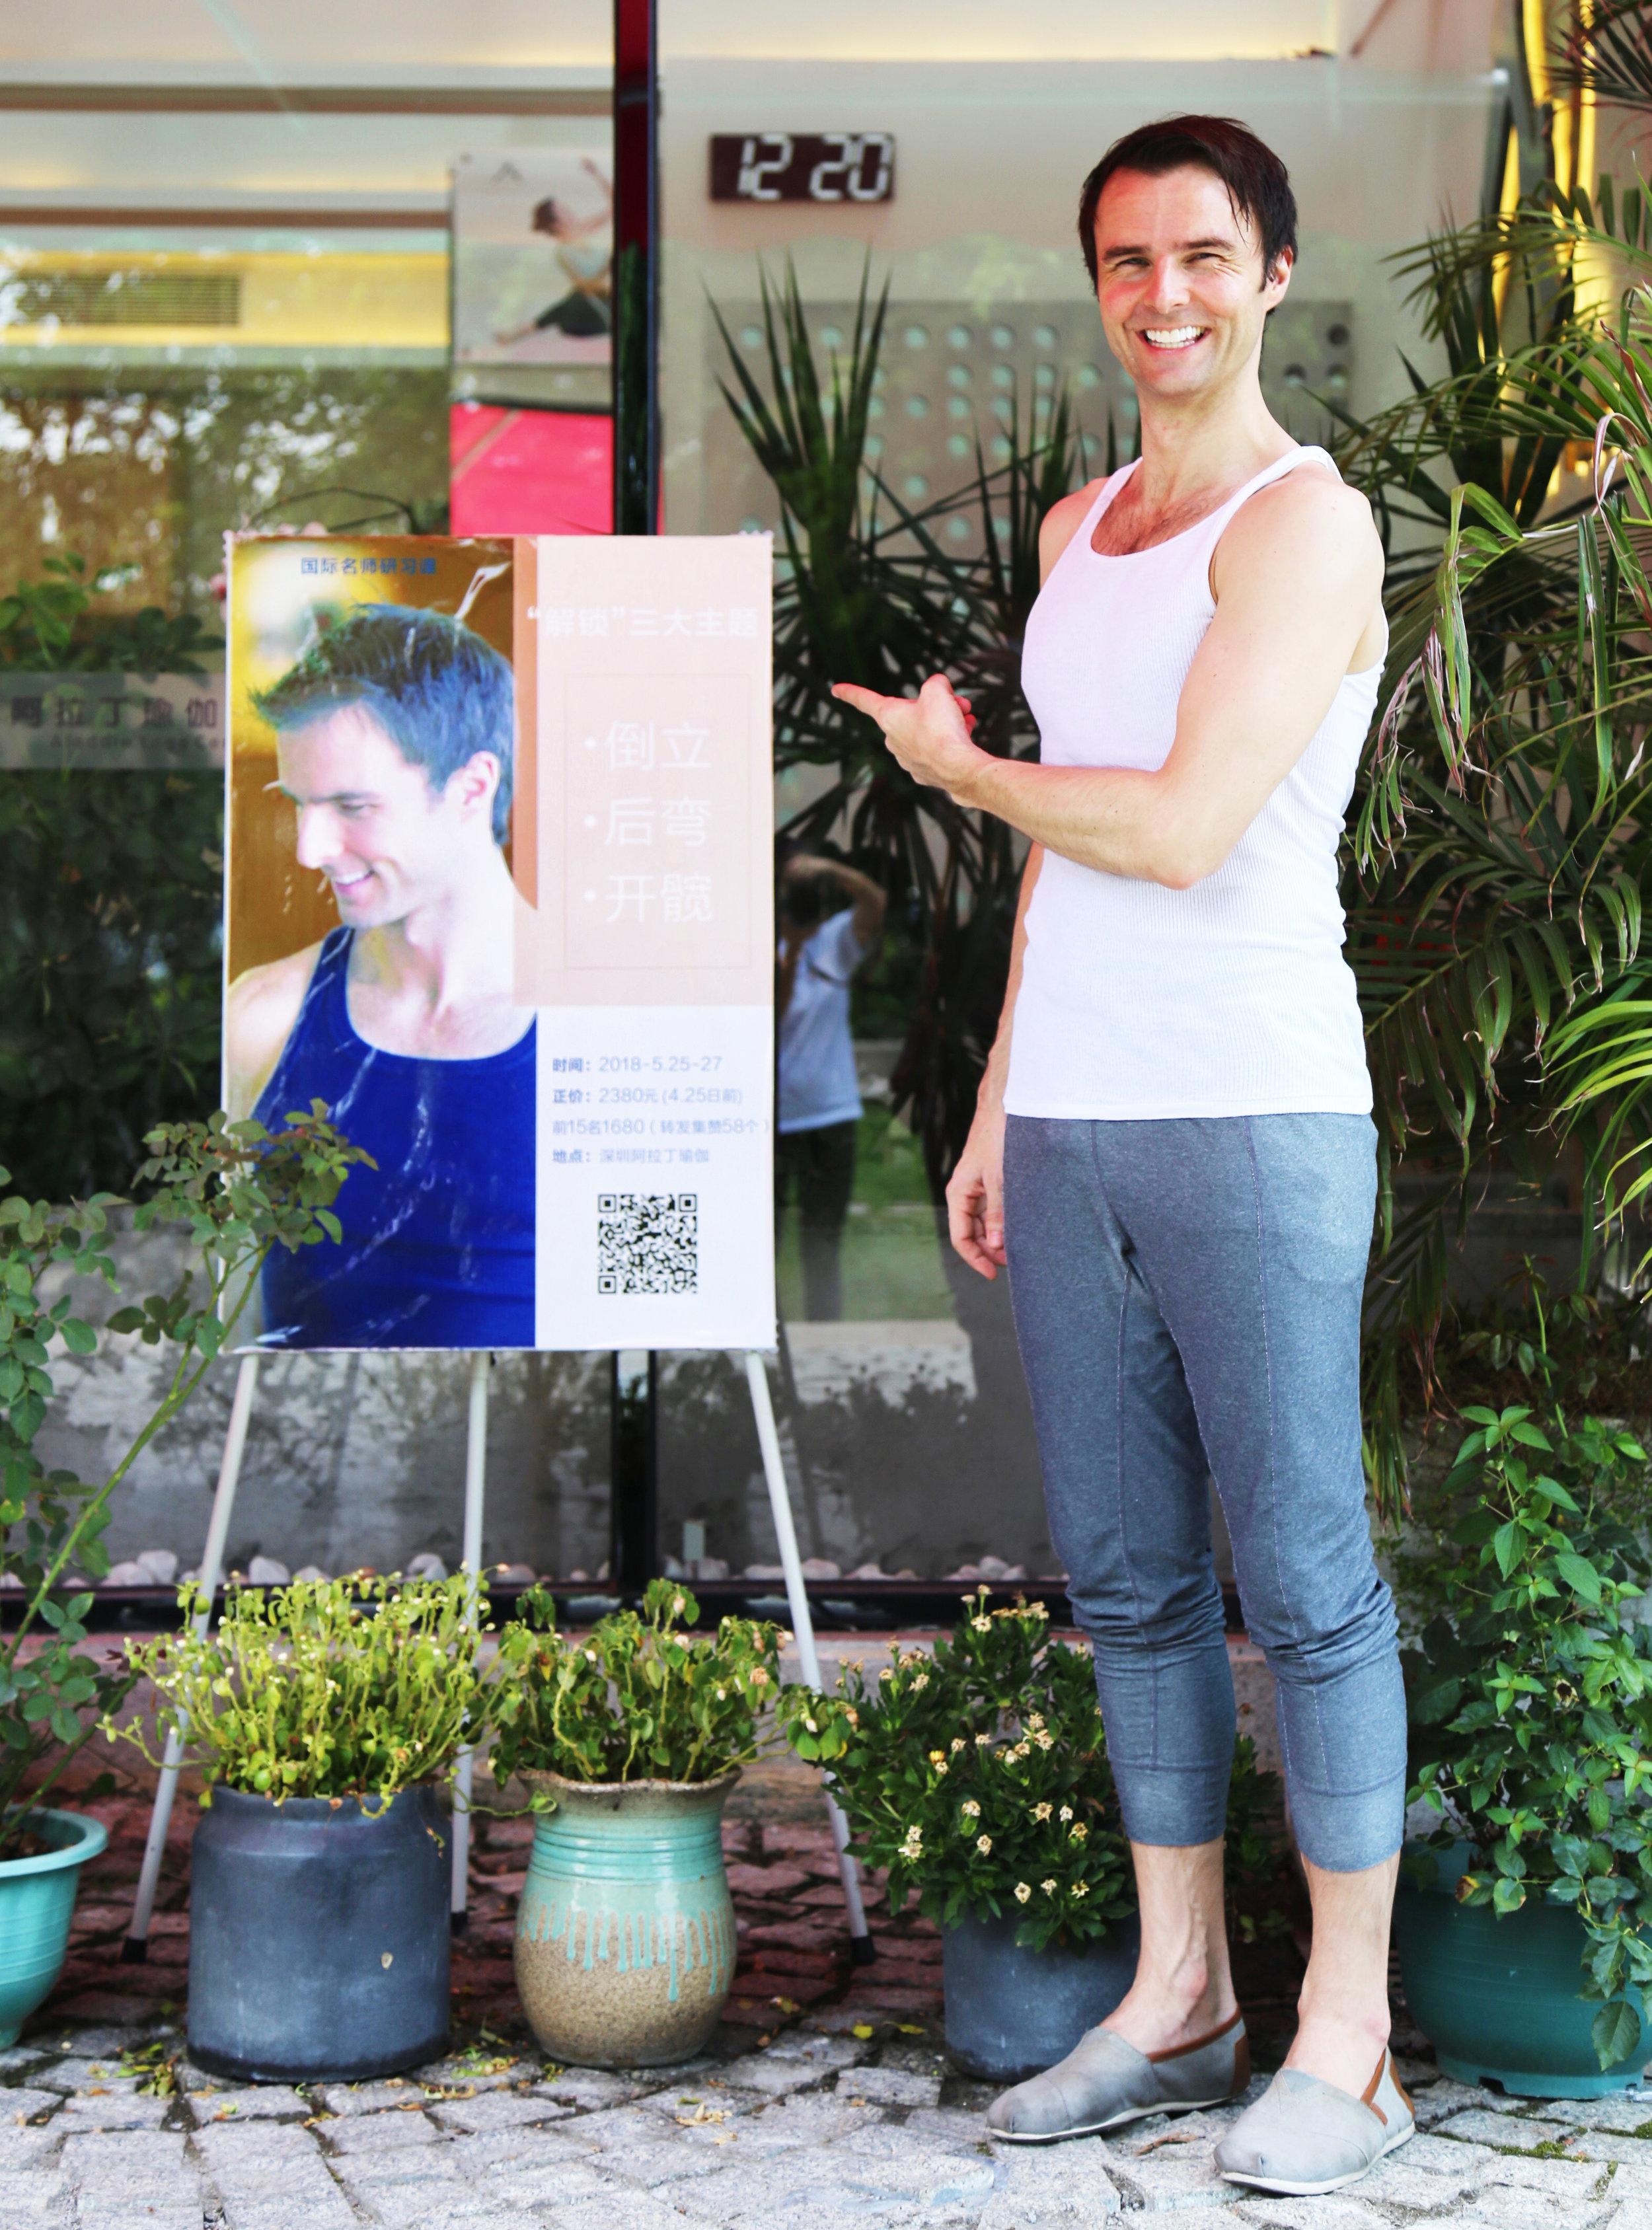 Garth - Aladdin Studio Sign - Pointing - Shenzhen.jpg